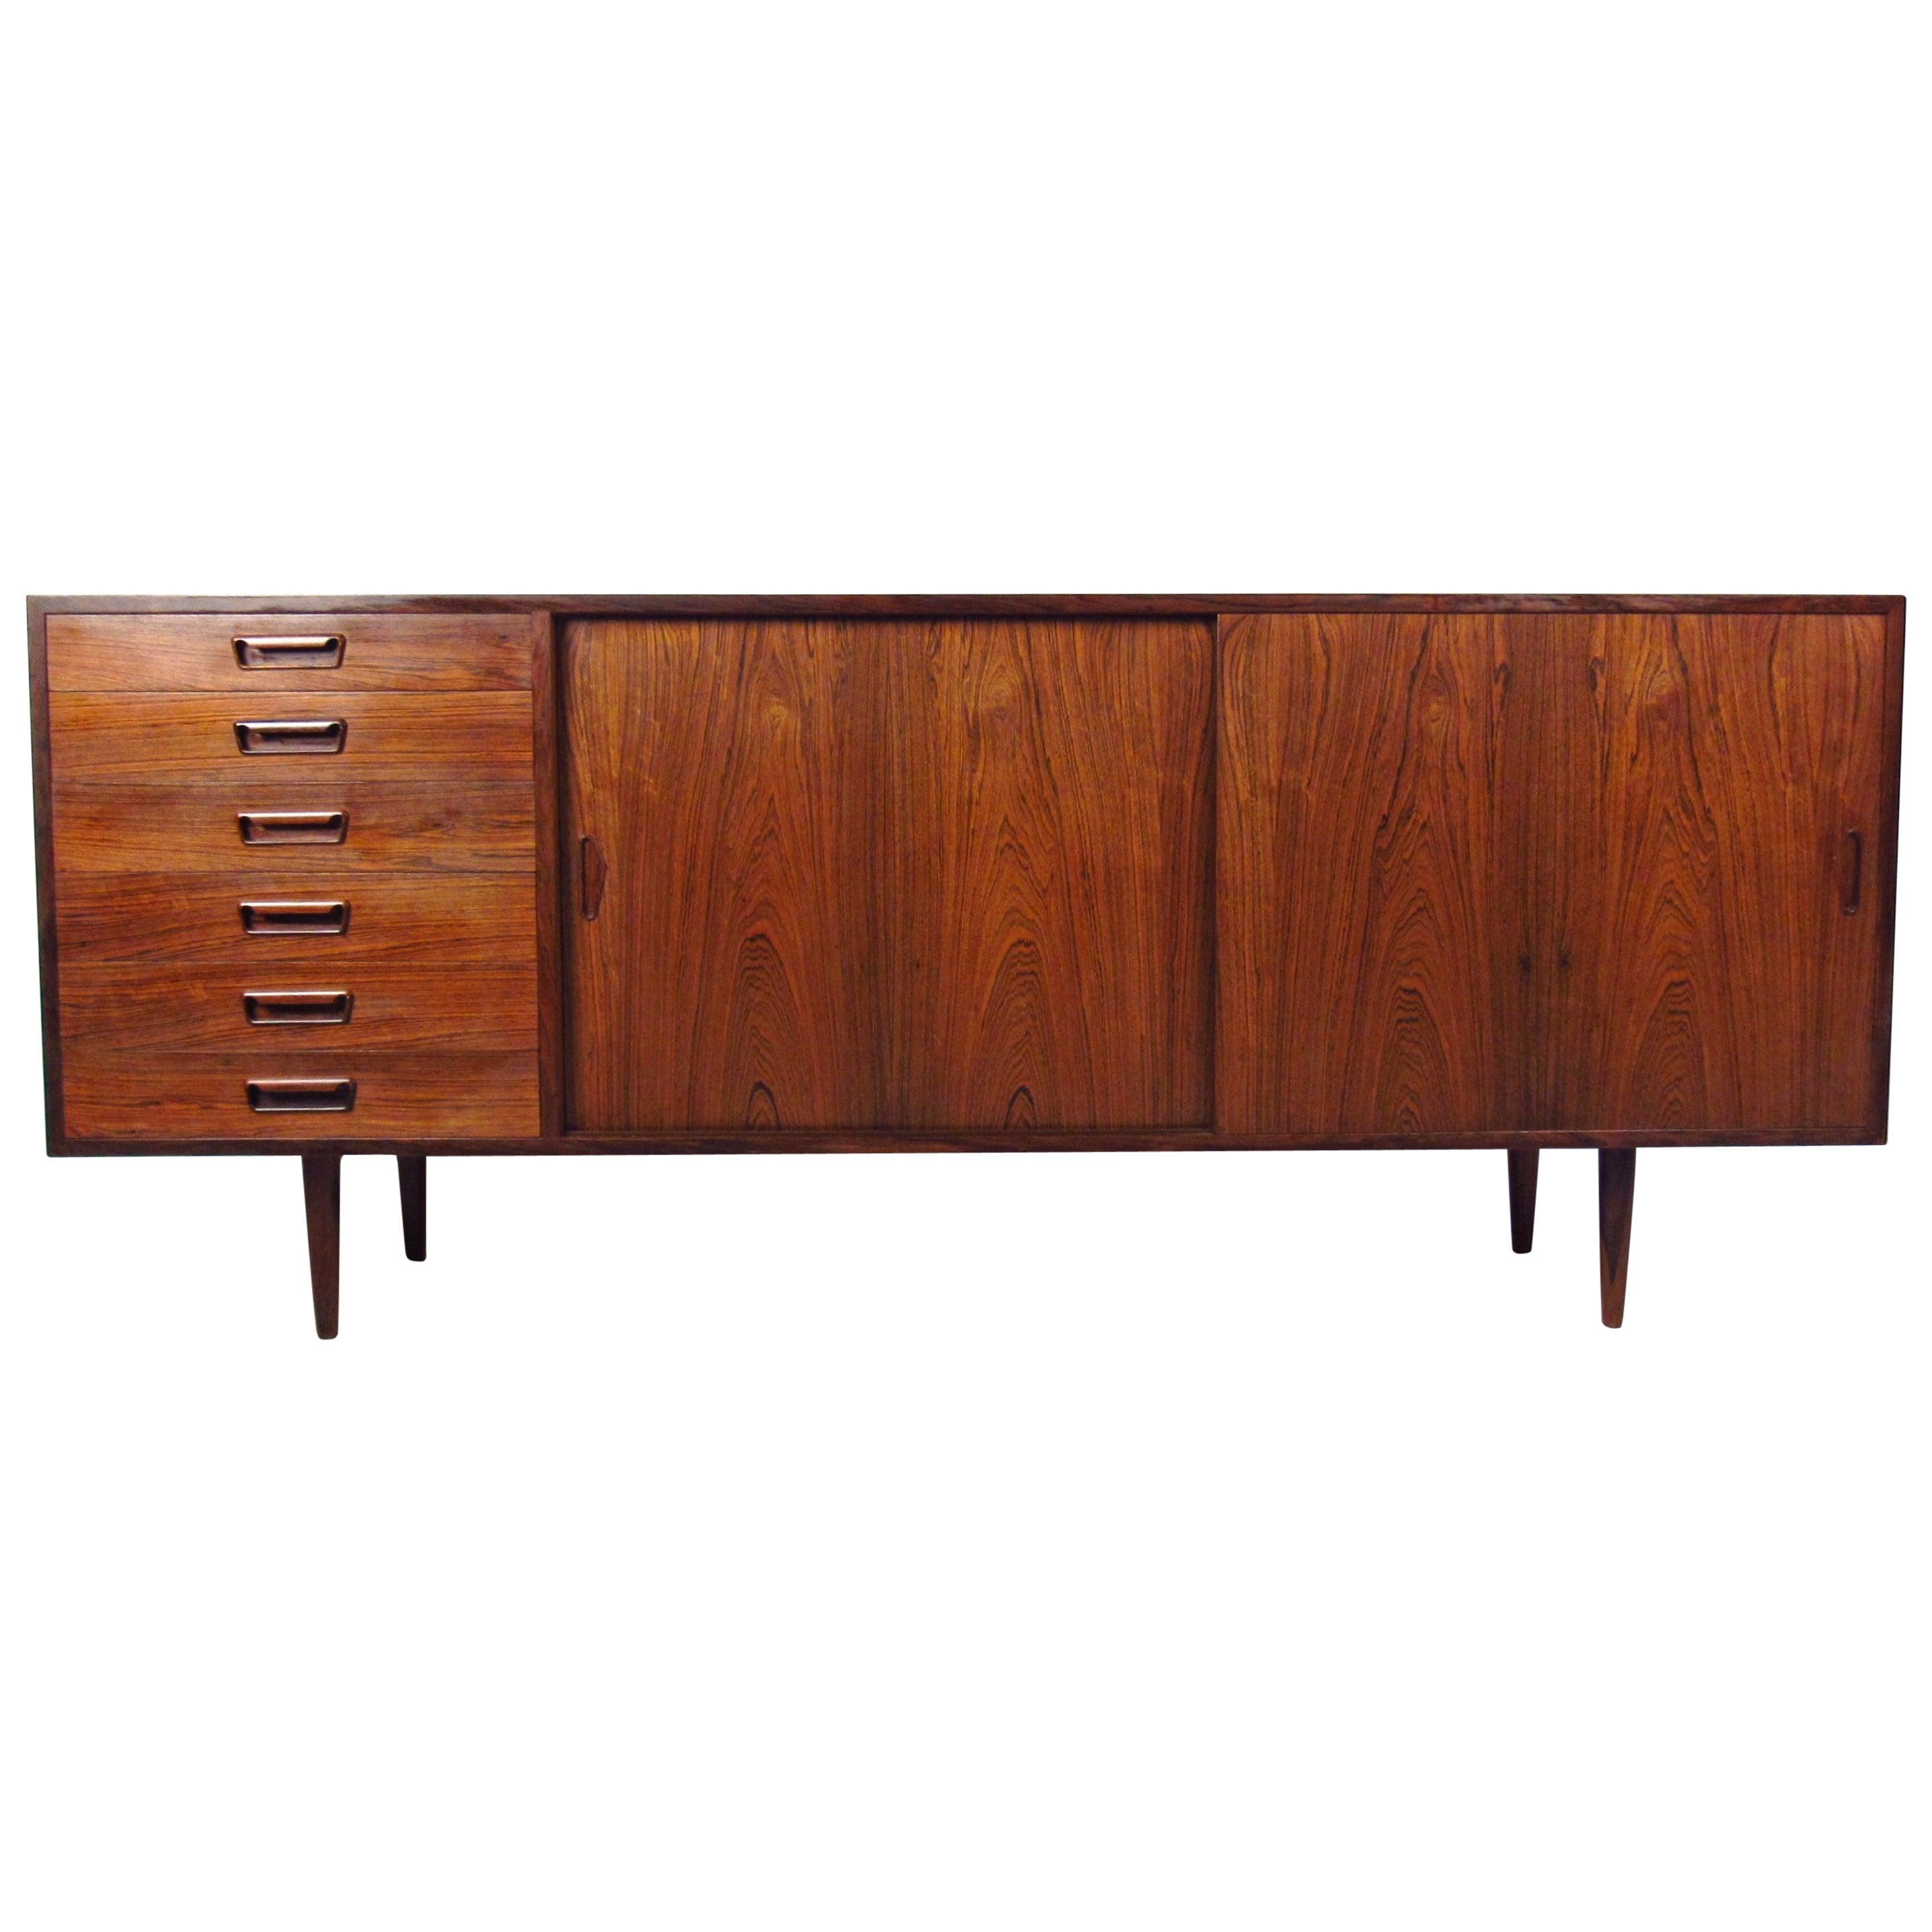 Exquisite Danish Rosewood Sideboard